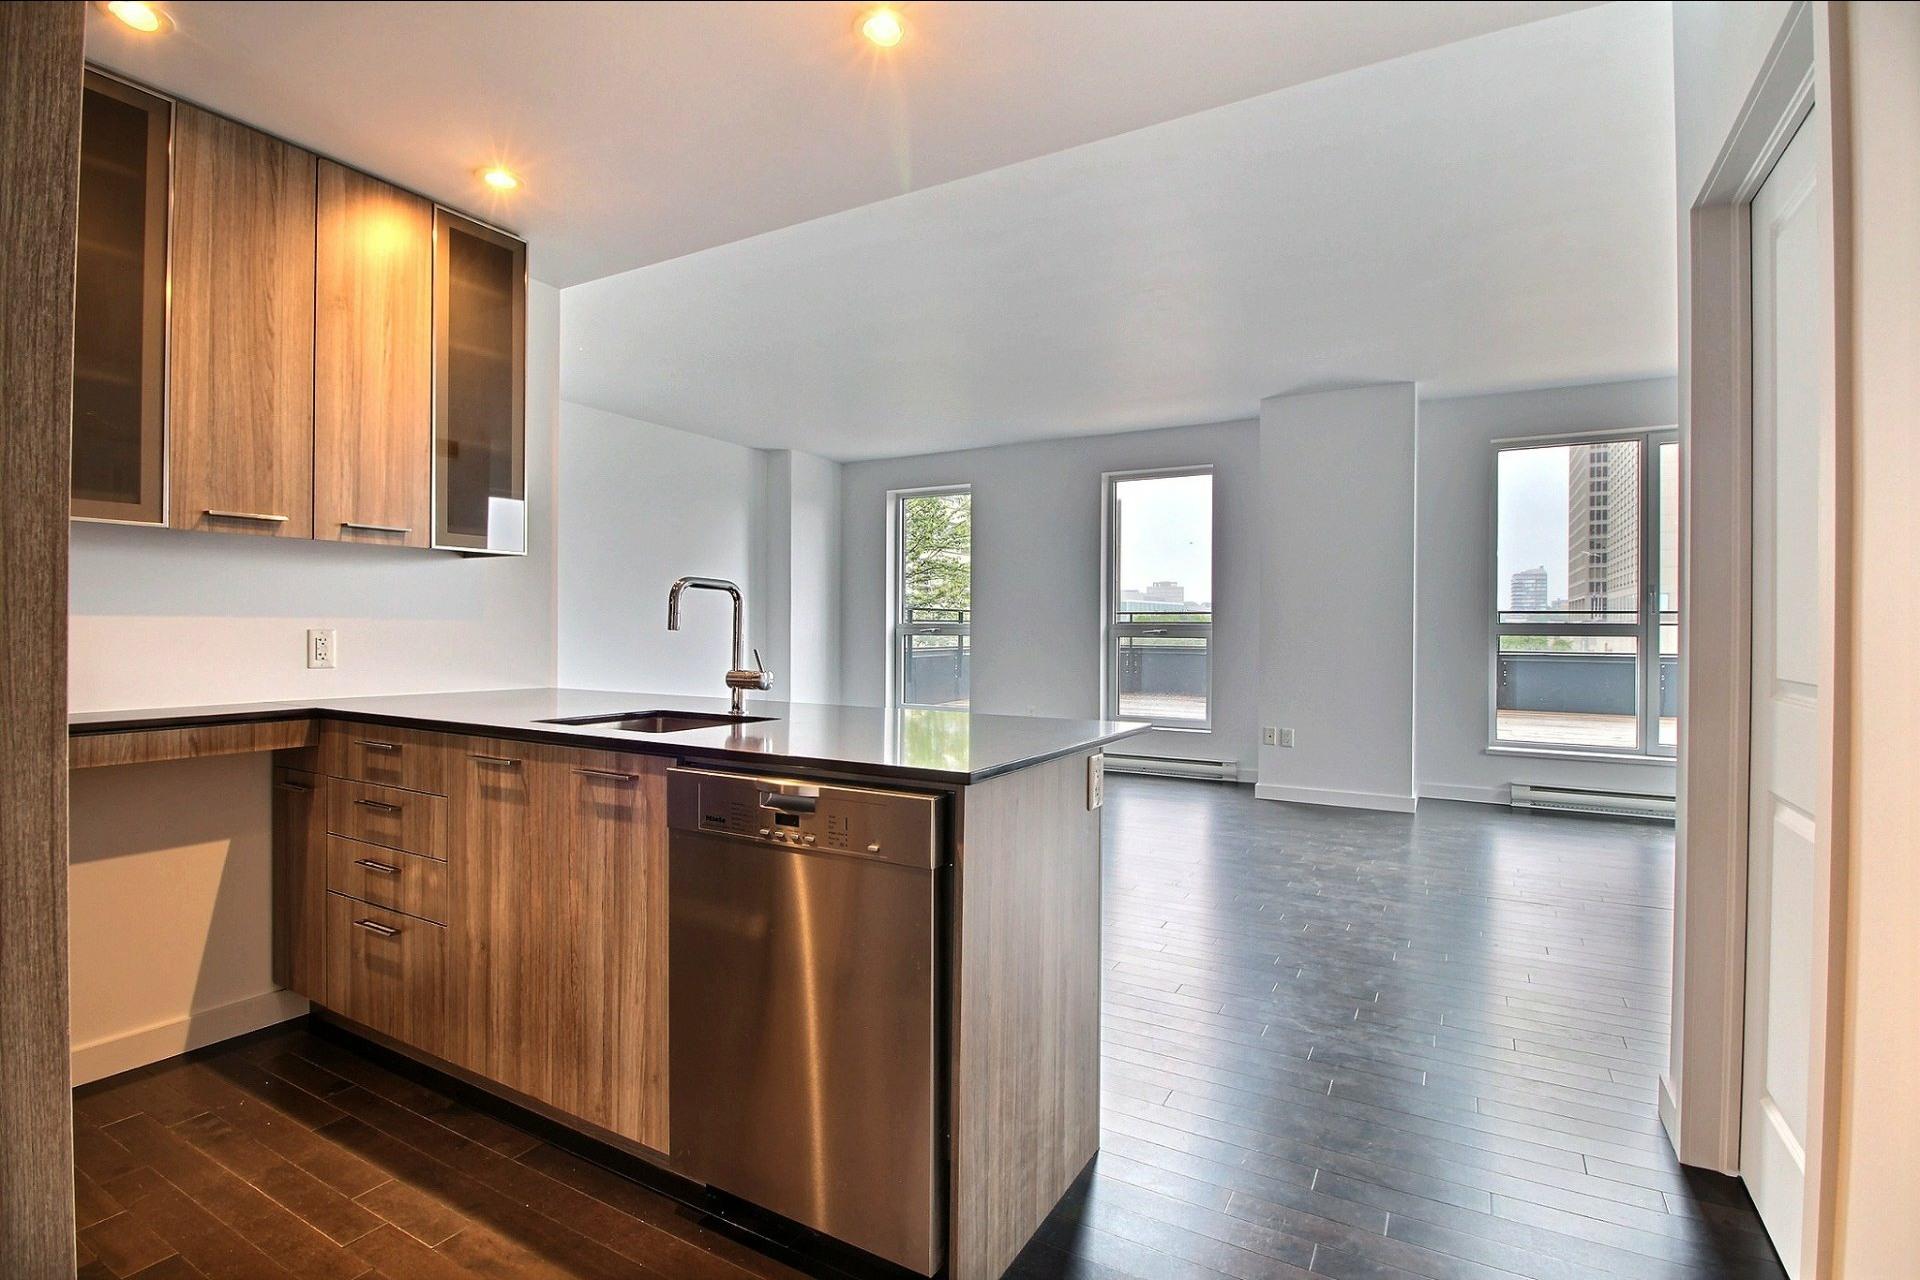 image 23 - Appartement À vendre Montréal Ville-Marie  - 5 pièces